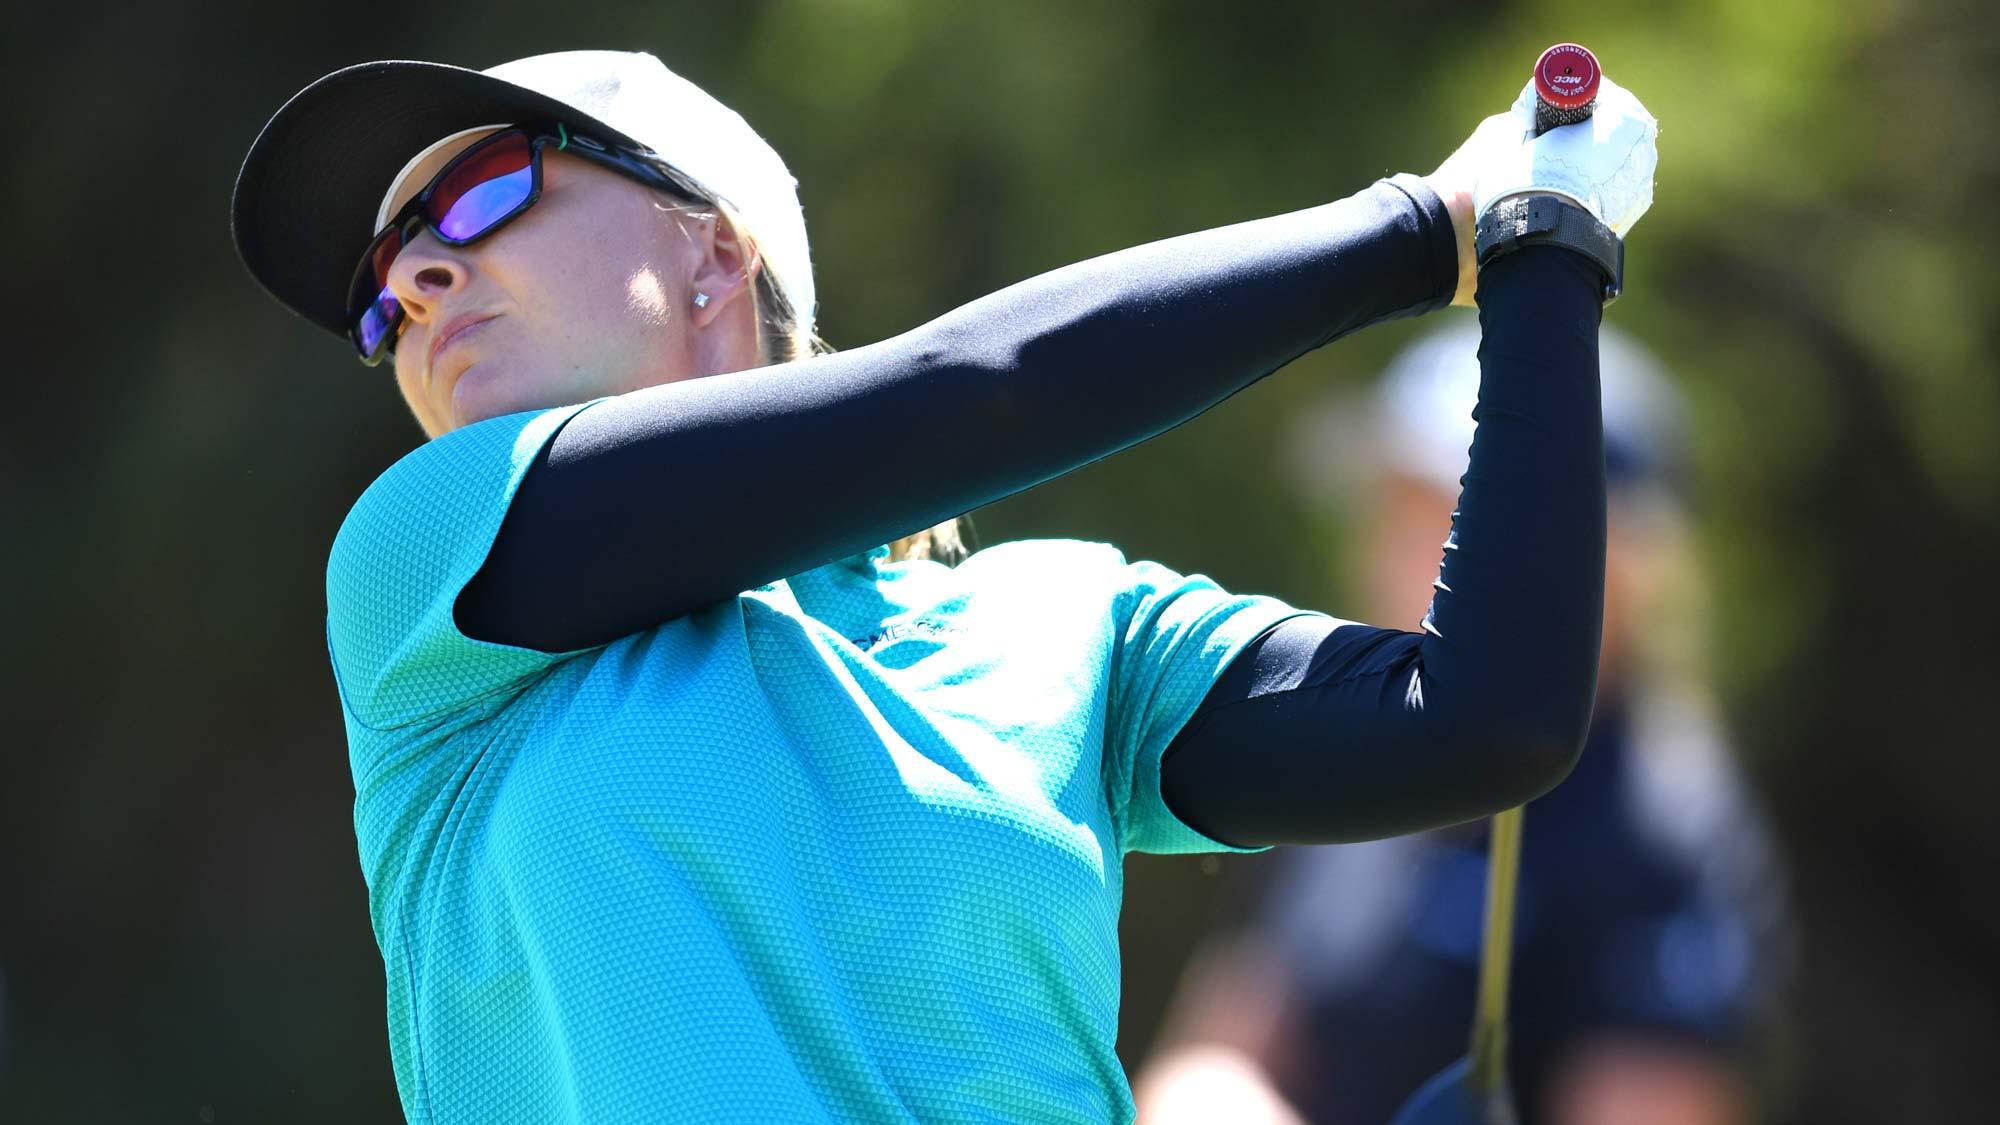 American Nelly Korda wins Women's Australian Open in Adelaide